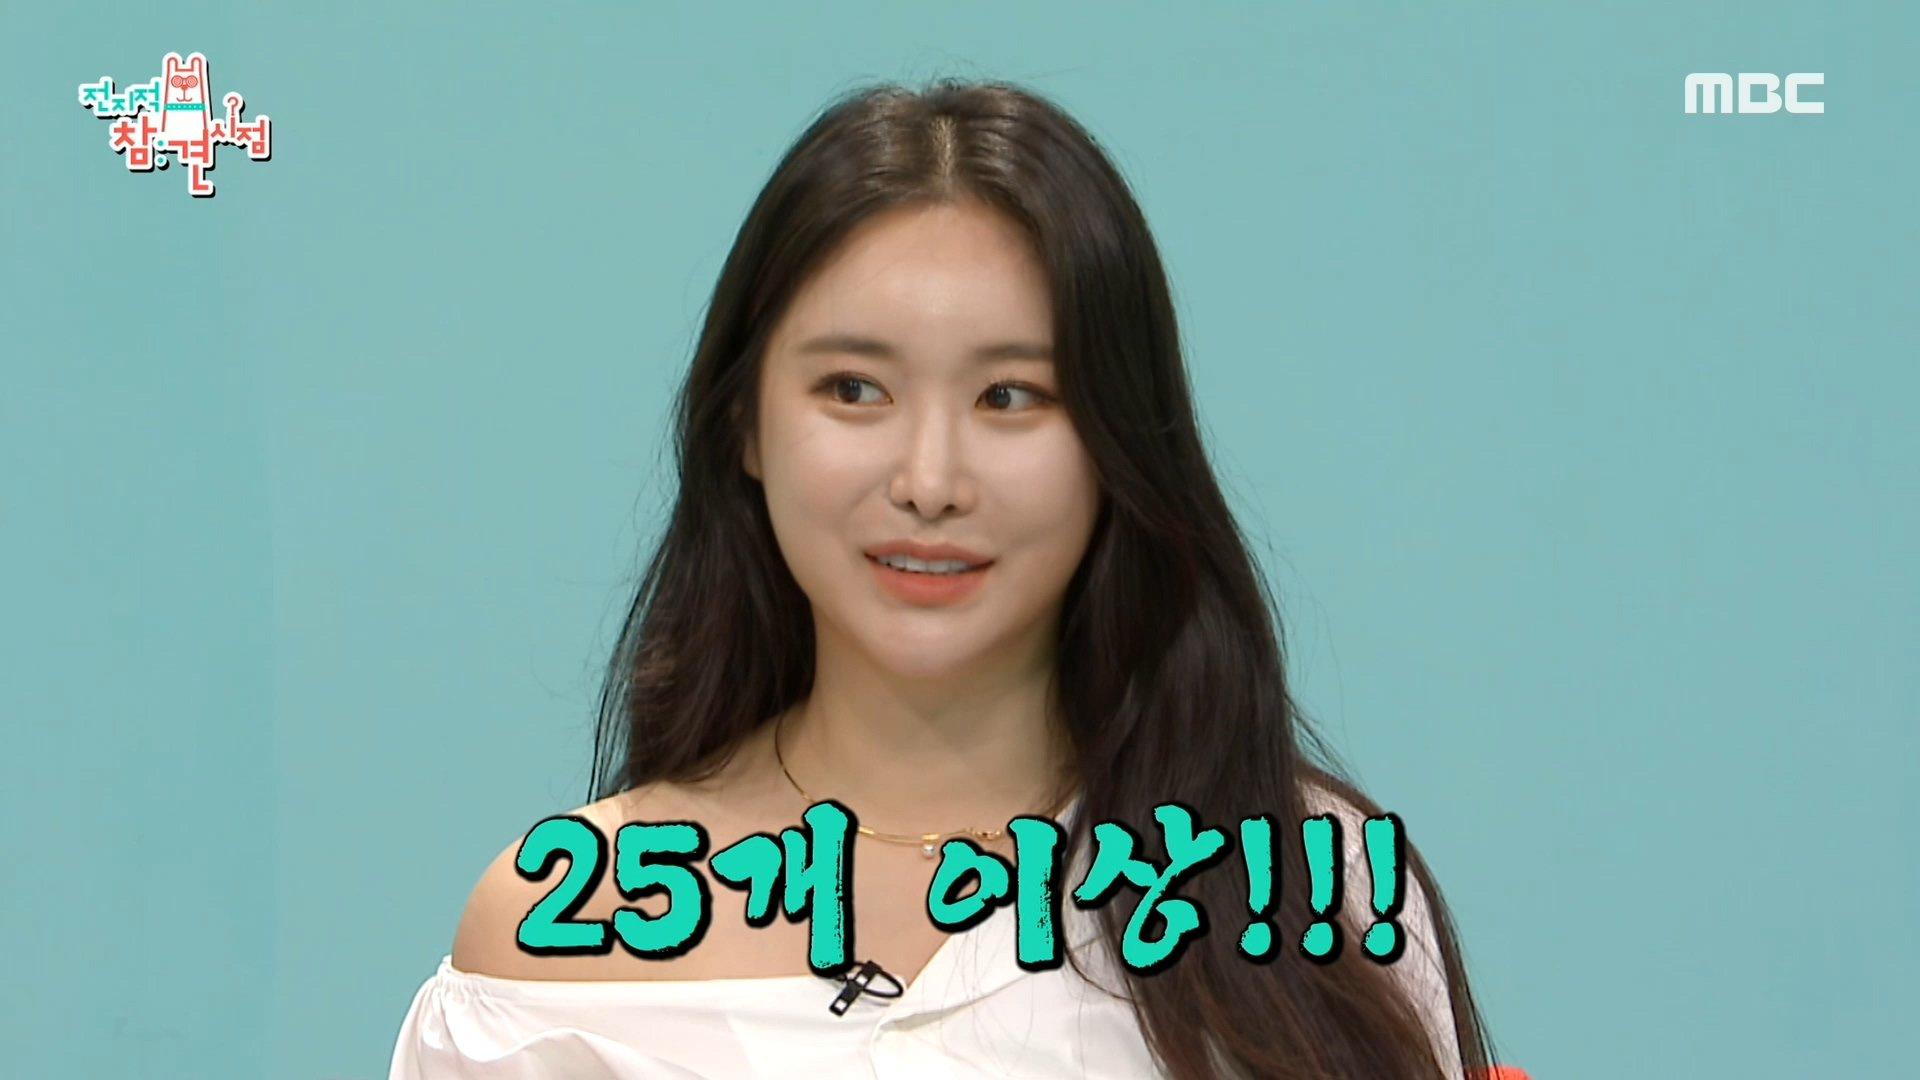 광고계를 섭렵한 브레이브걸스! 두 달 사이 열일한 쁘걸♨, MBC 210619 방송